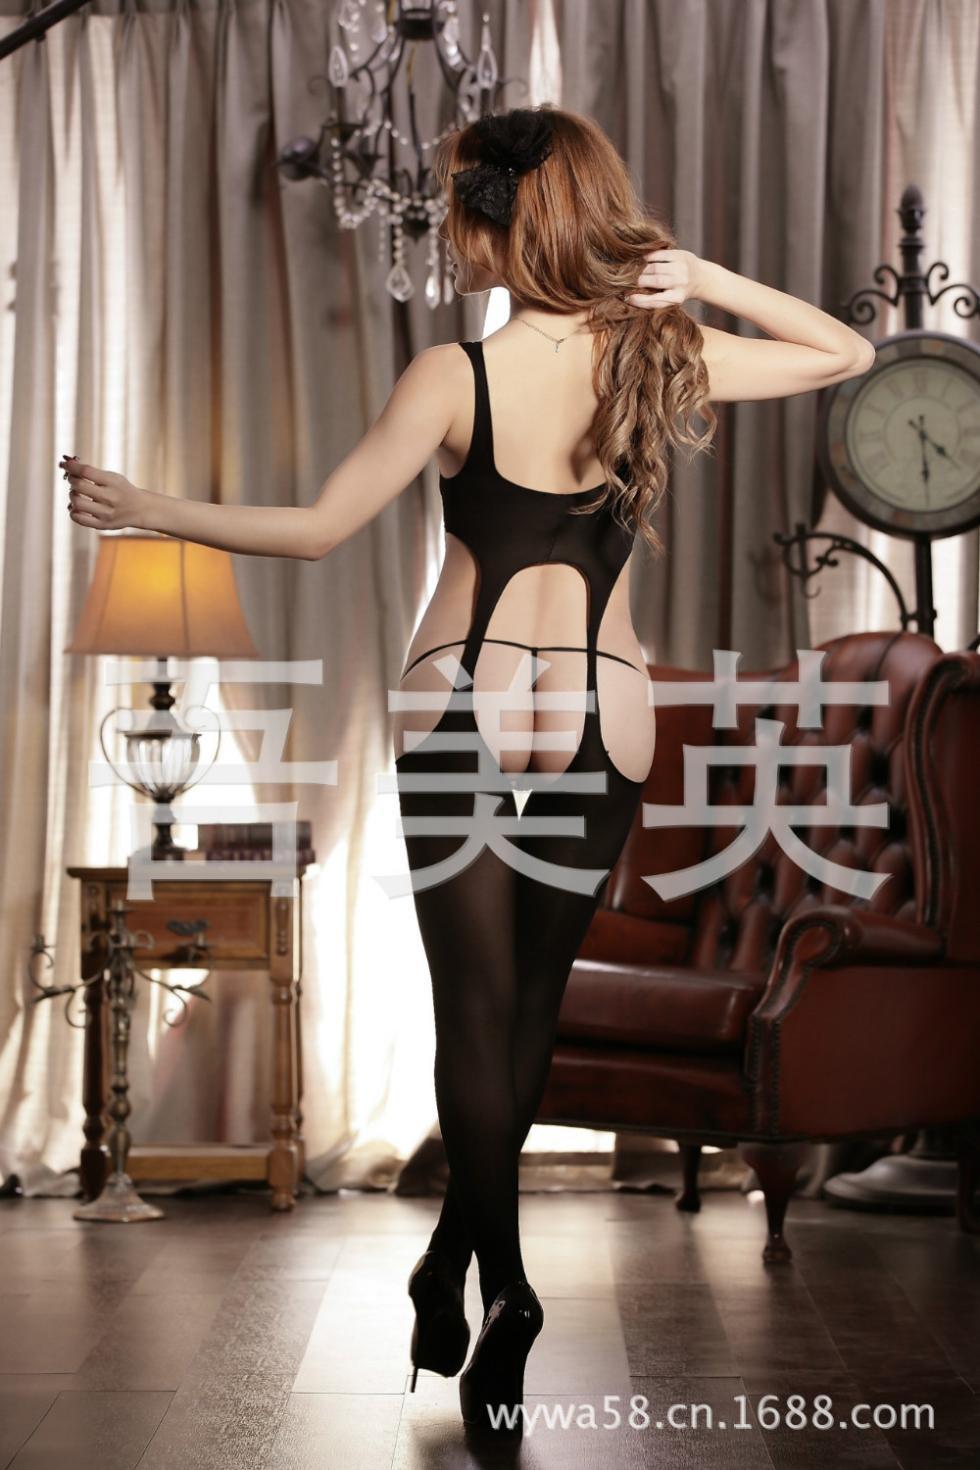 Проститутки японки питера 18 фотография